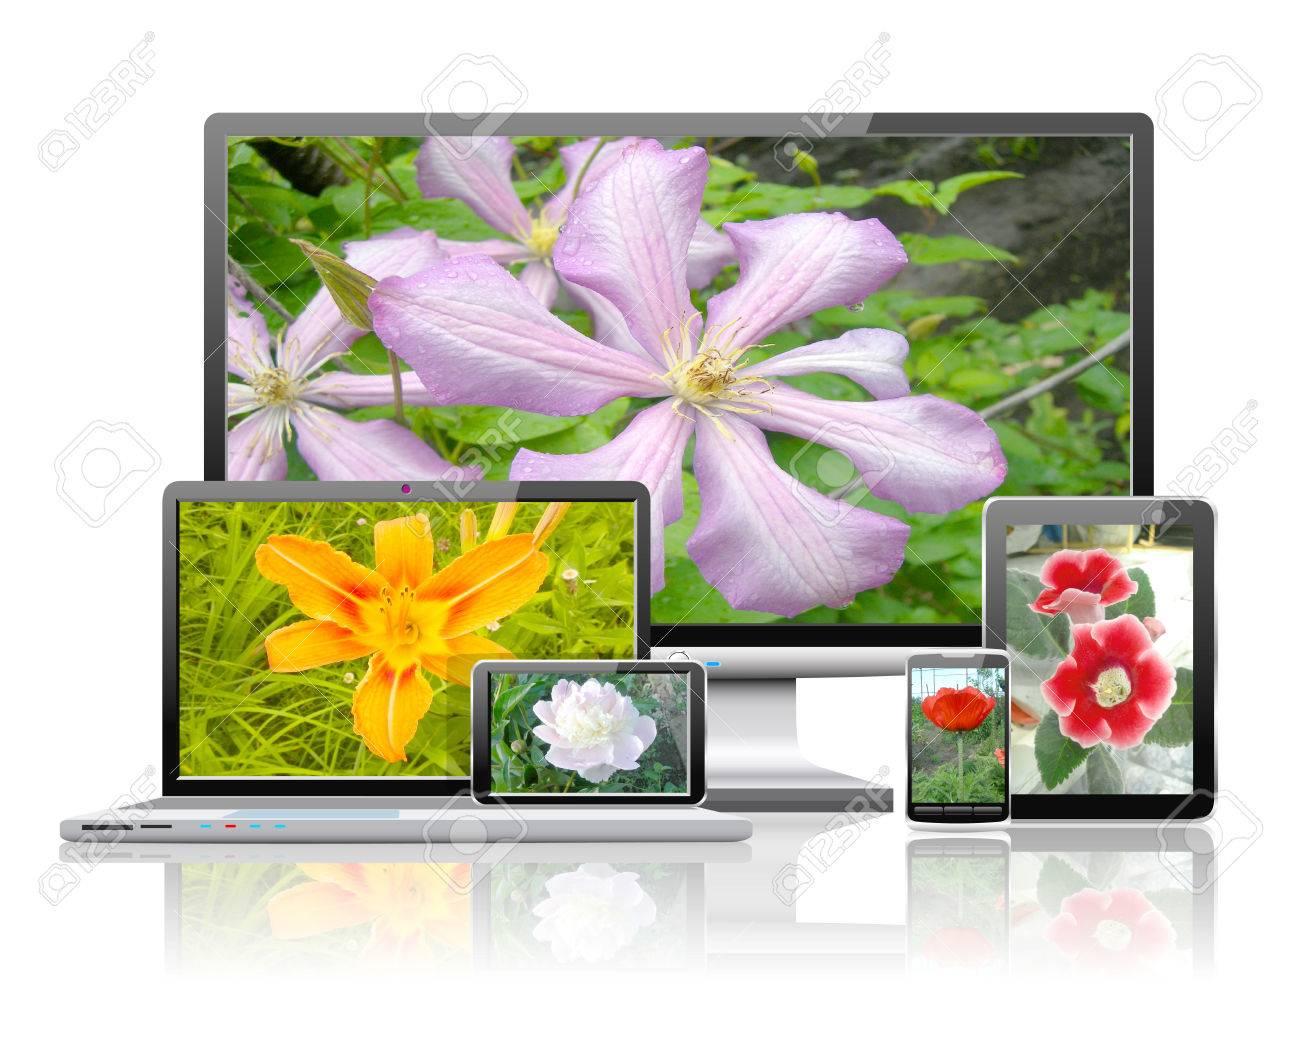 ラップトップ タブレット Pc 携帯電話 テレビ ナビゲーターは 花